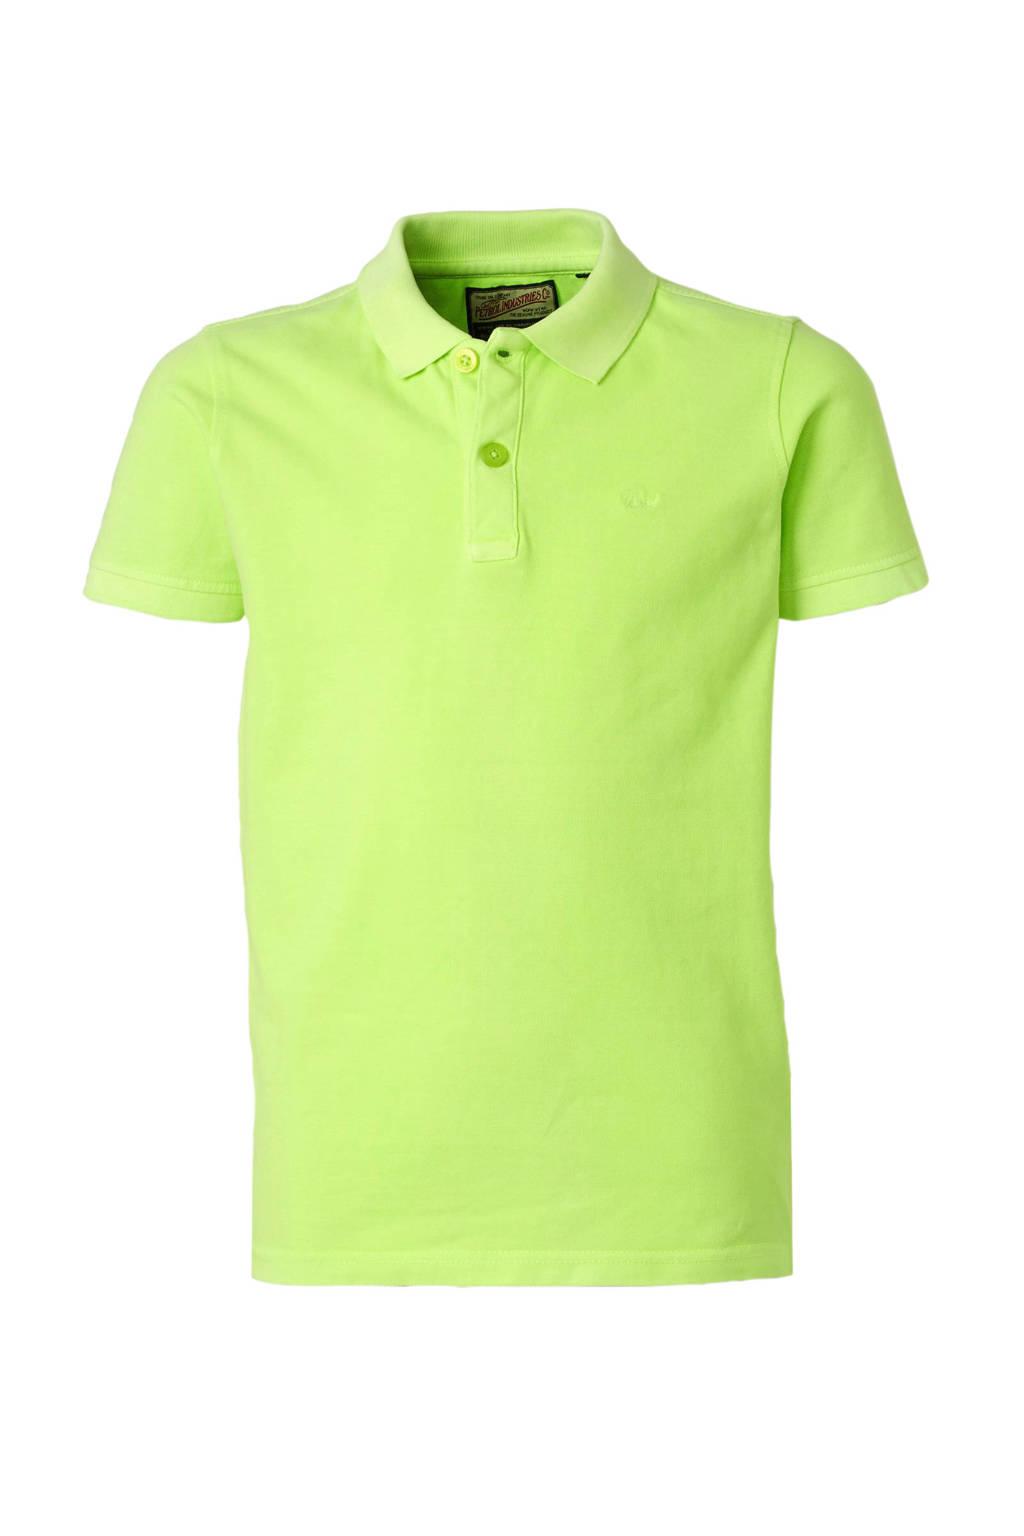 Petrol Industries polo met borduursels neon groen, Neon geel